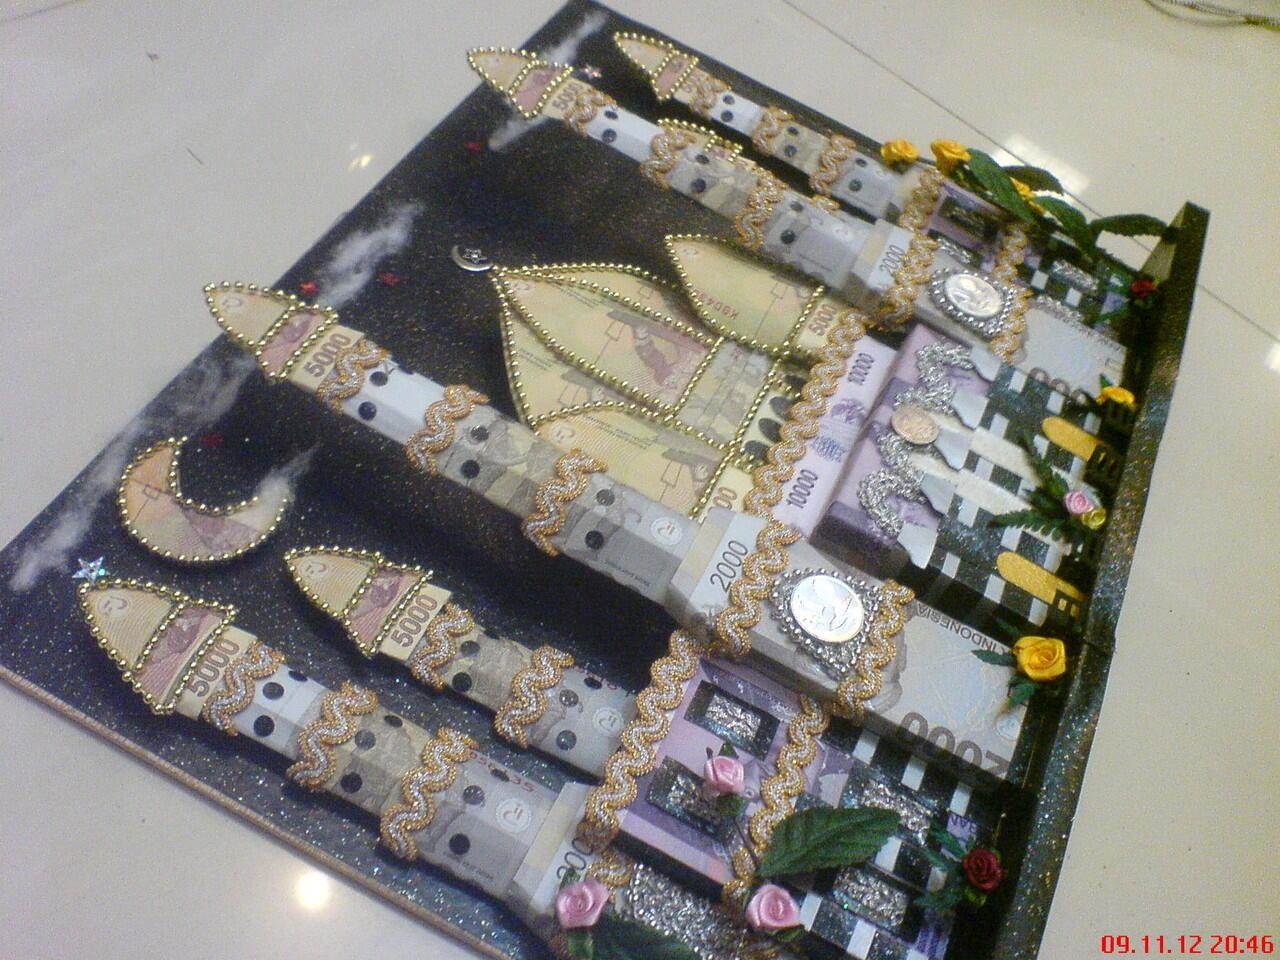 Desain Mahar Uang Pernikahan Model Mesjid Kubah Emas Depok 3D